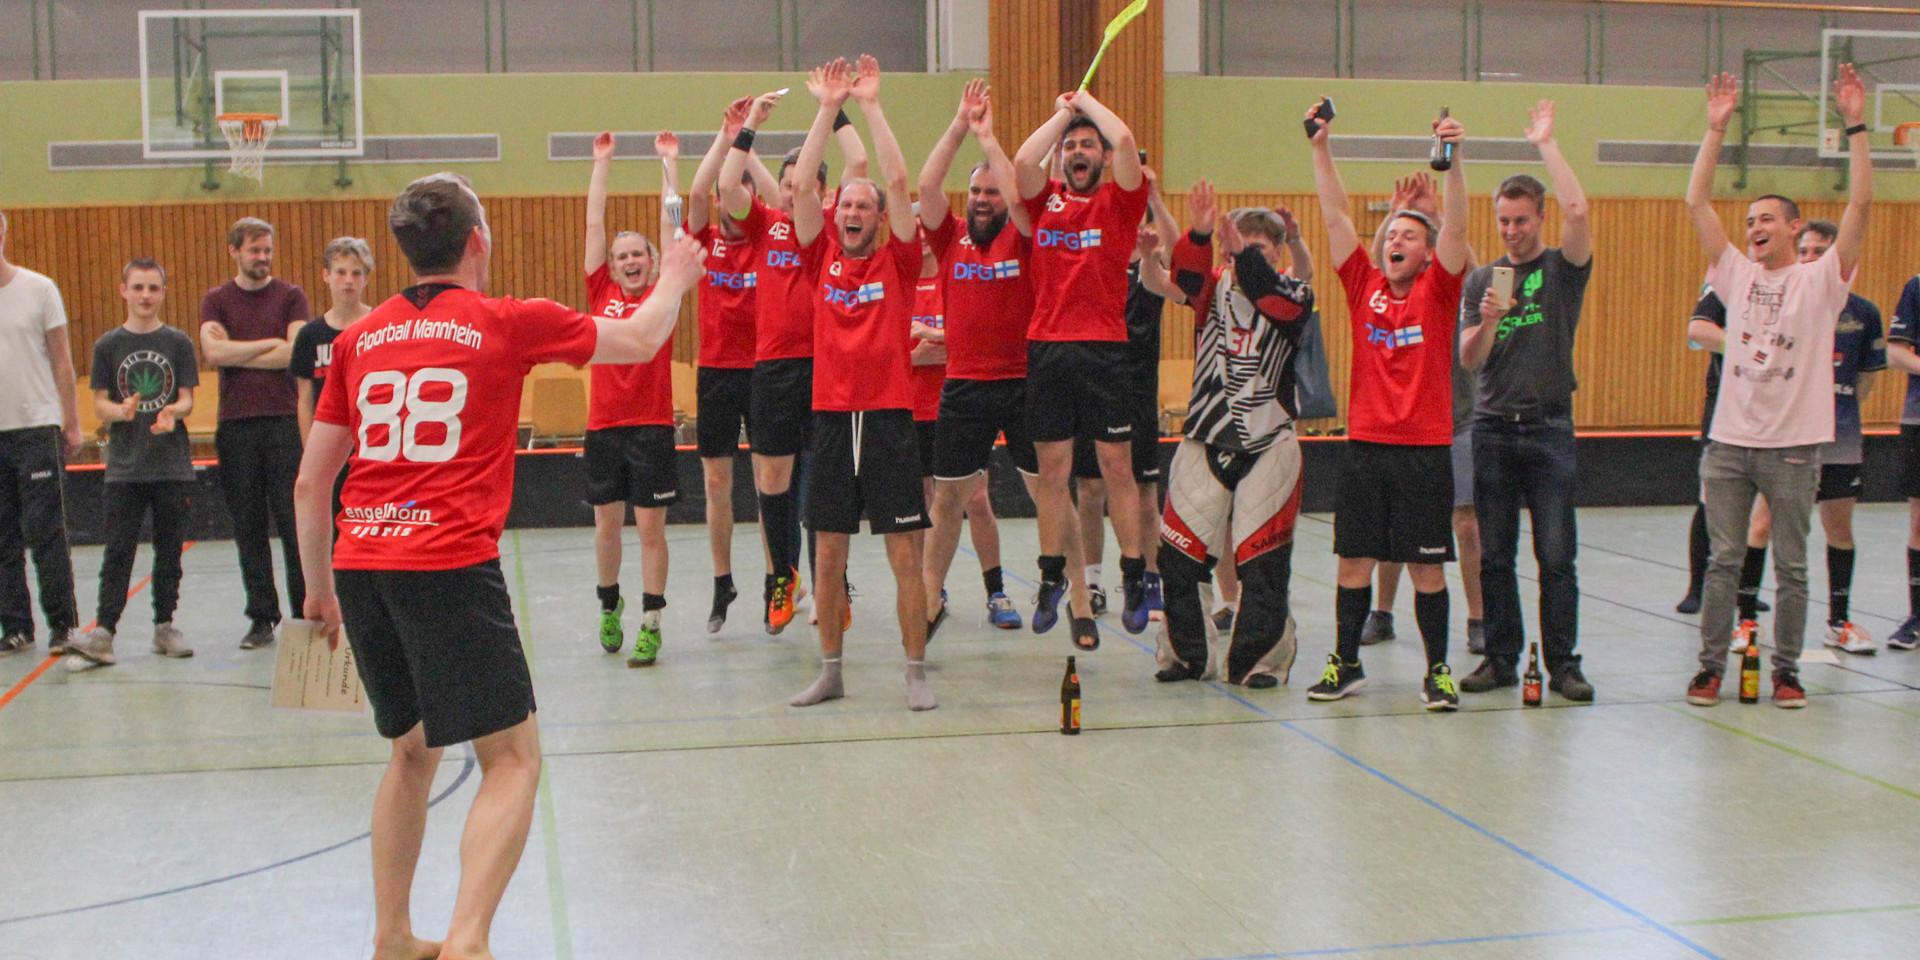 Jubel Süddeutsche Meisterschaft 2017/2018